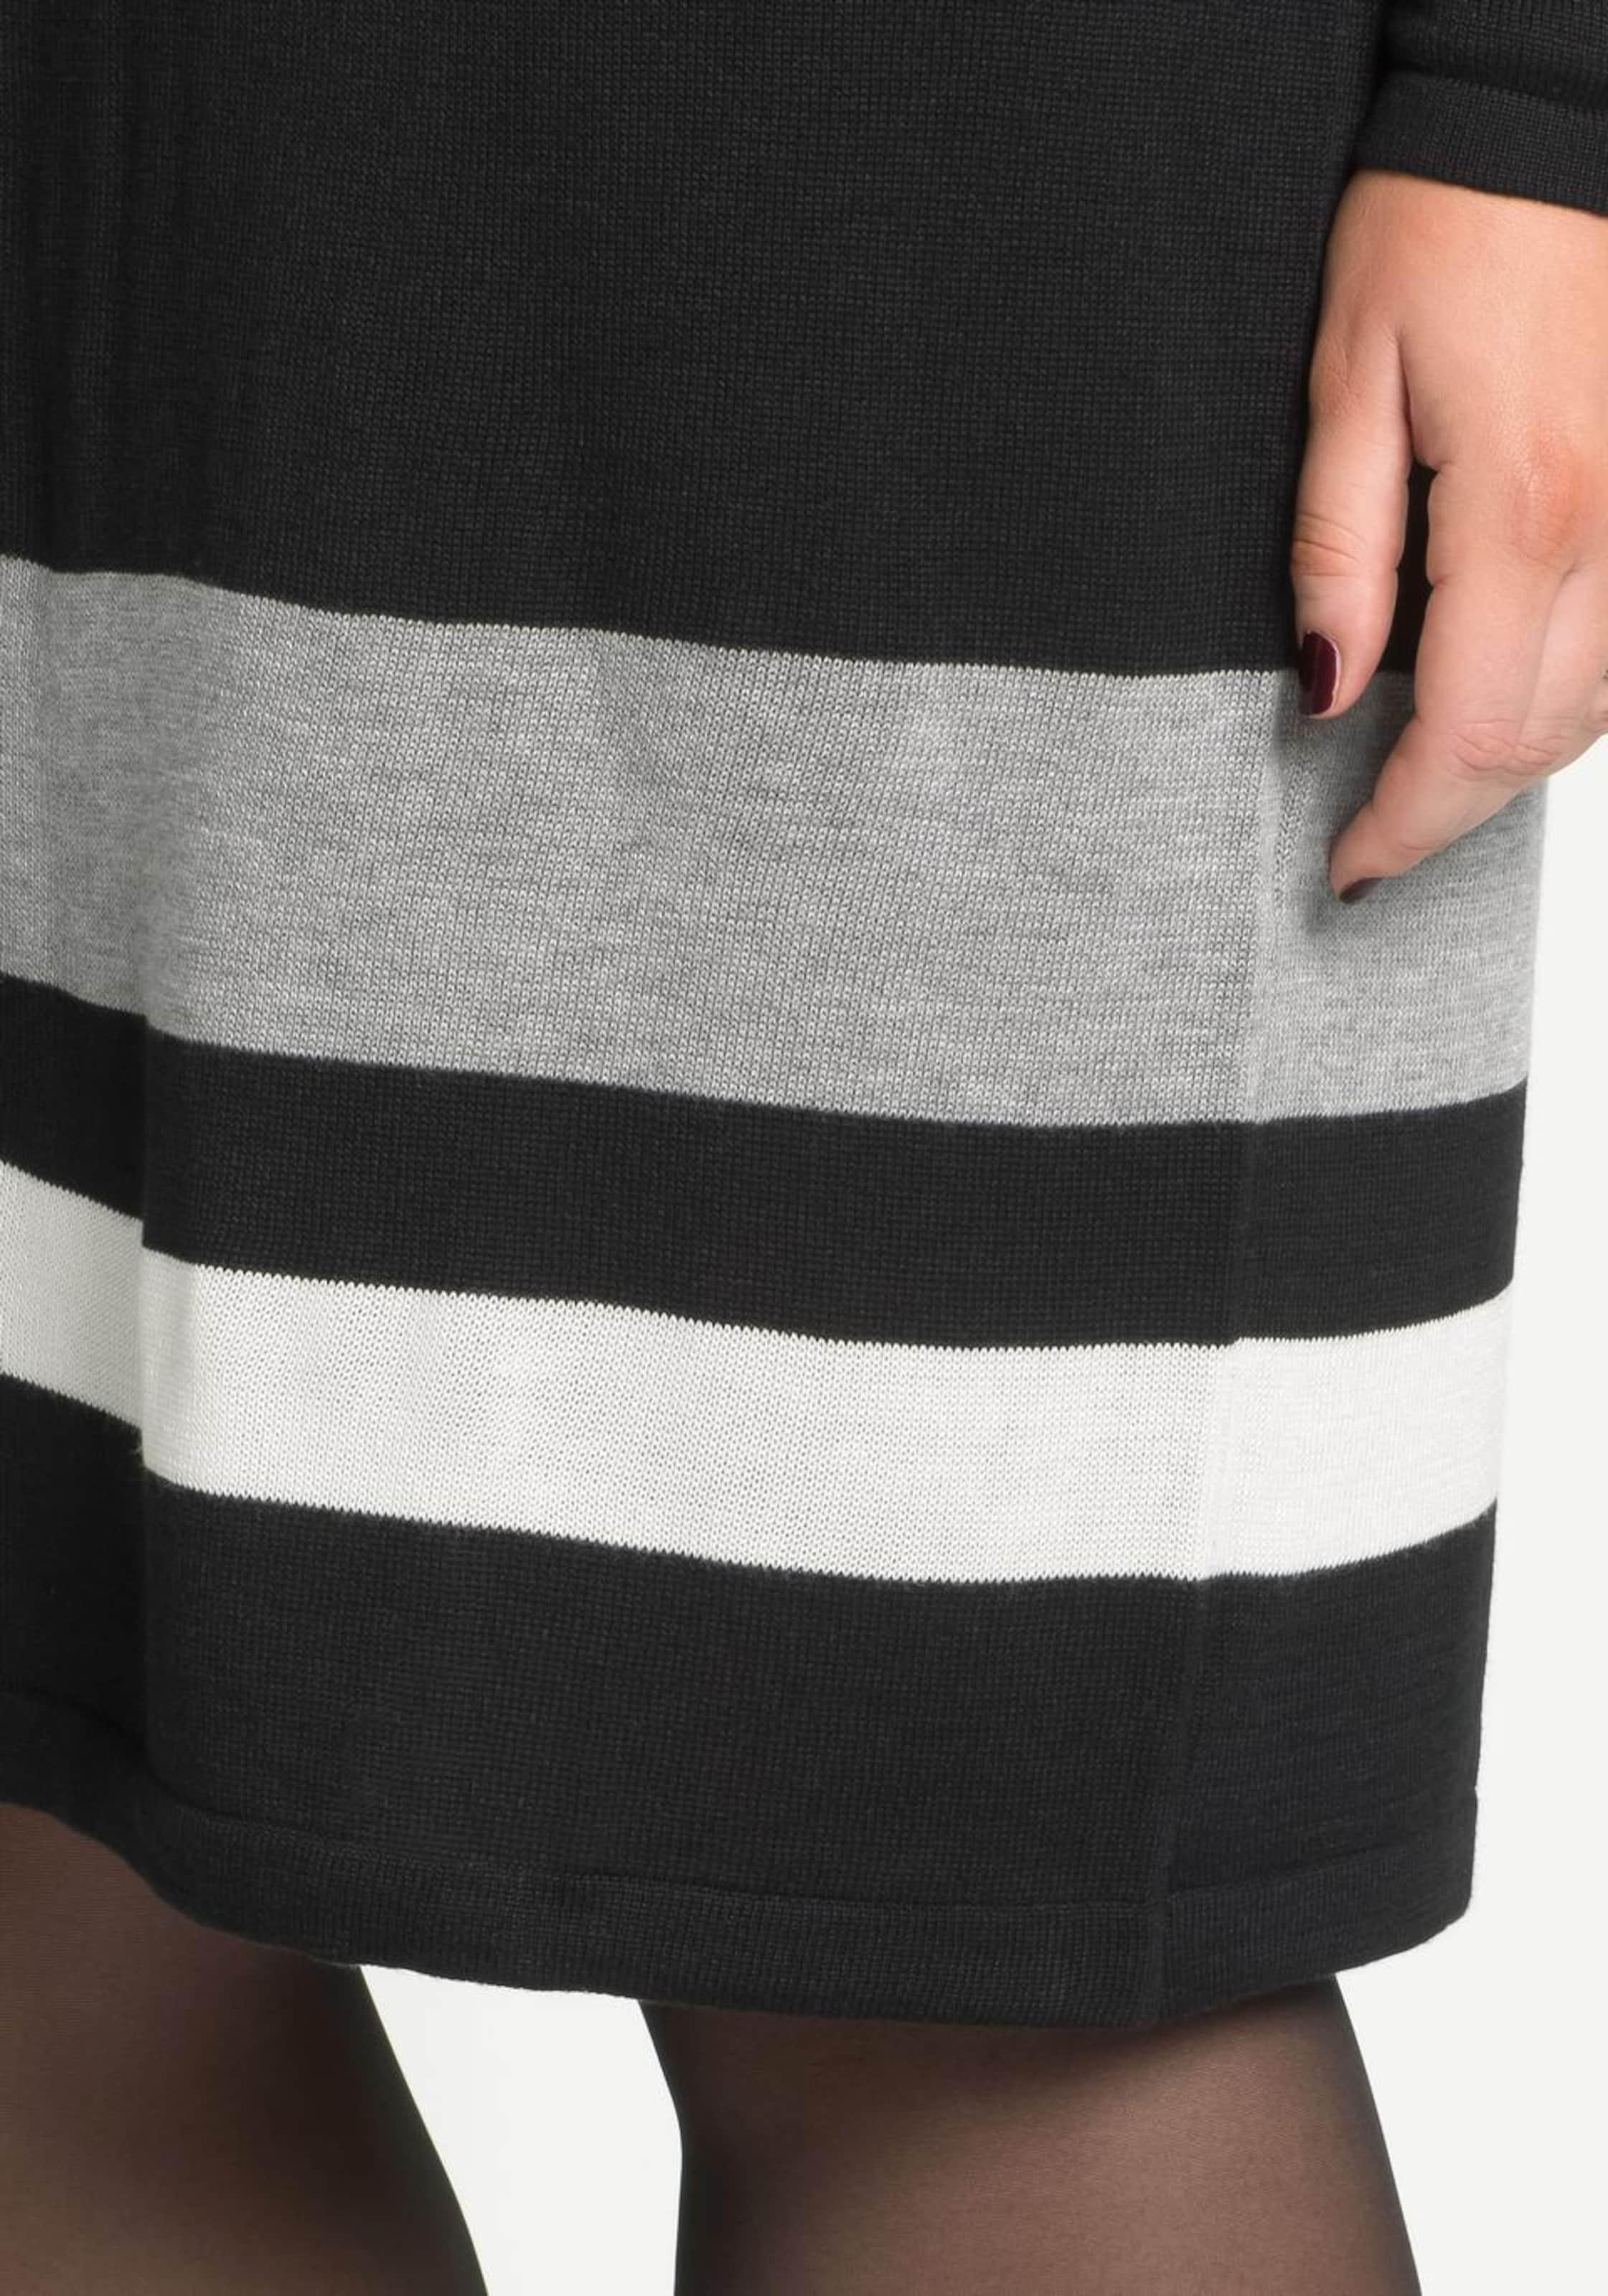 Billig Zu Kaufen Professionel sheego style Strickkleid Billig Verkauf Am Besten Freies Verschiffen Bilder QibVAH